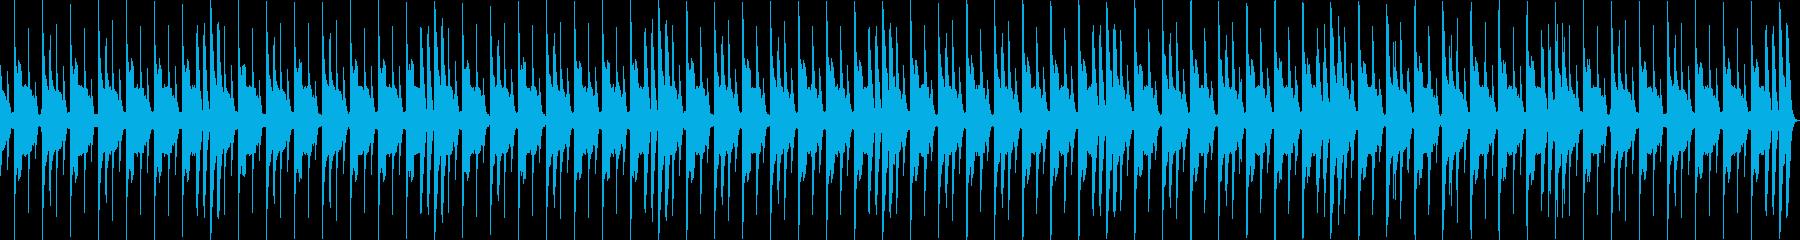 パーカッション系のループ(コミカル)の再生済みの波形